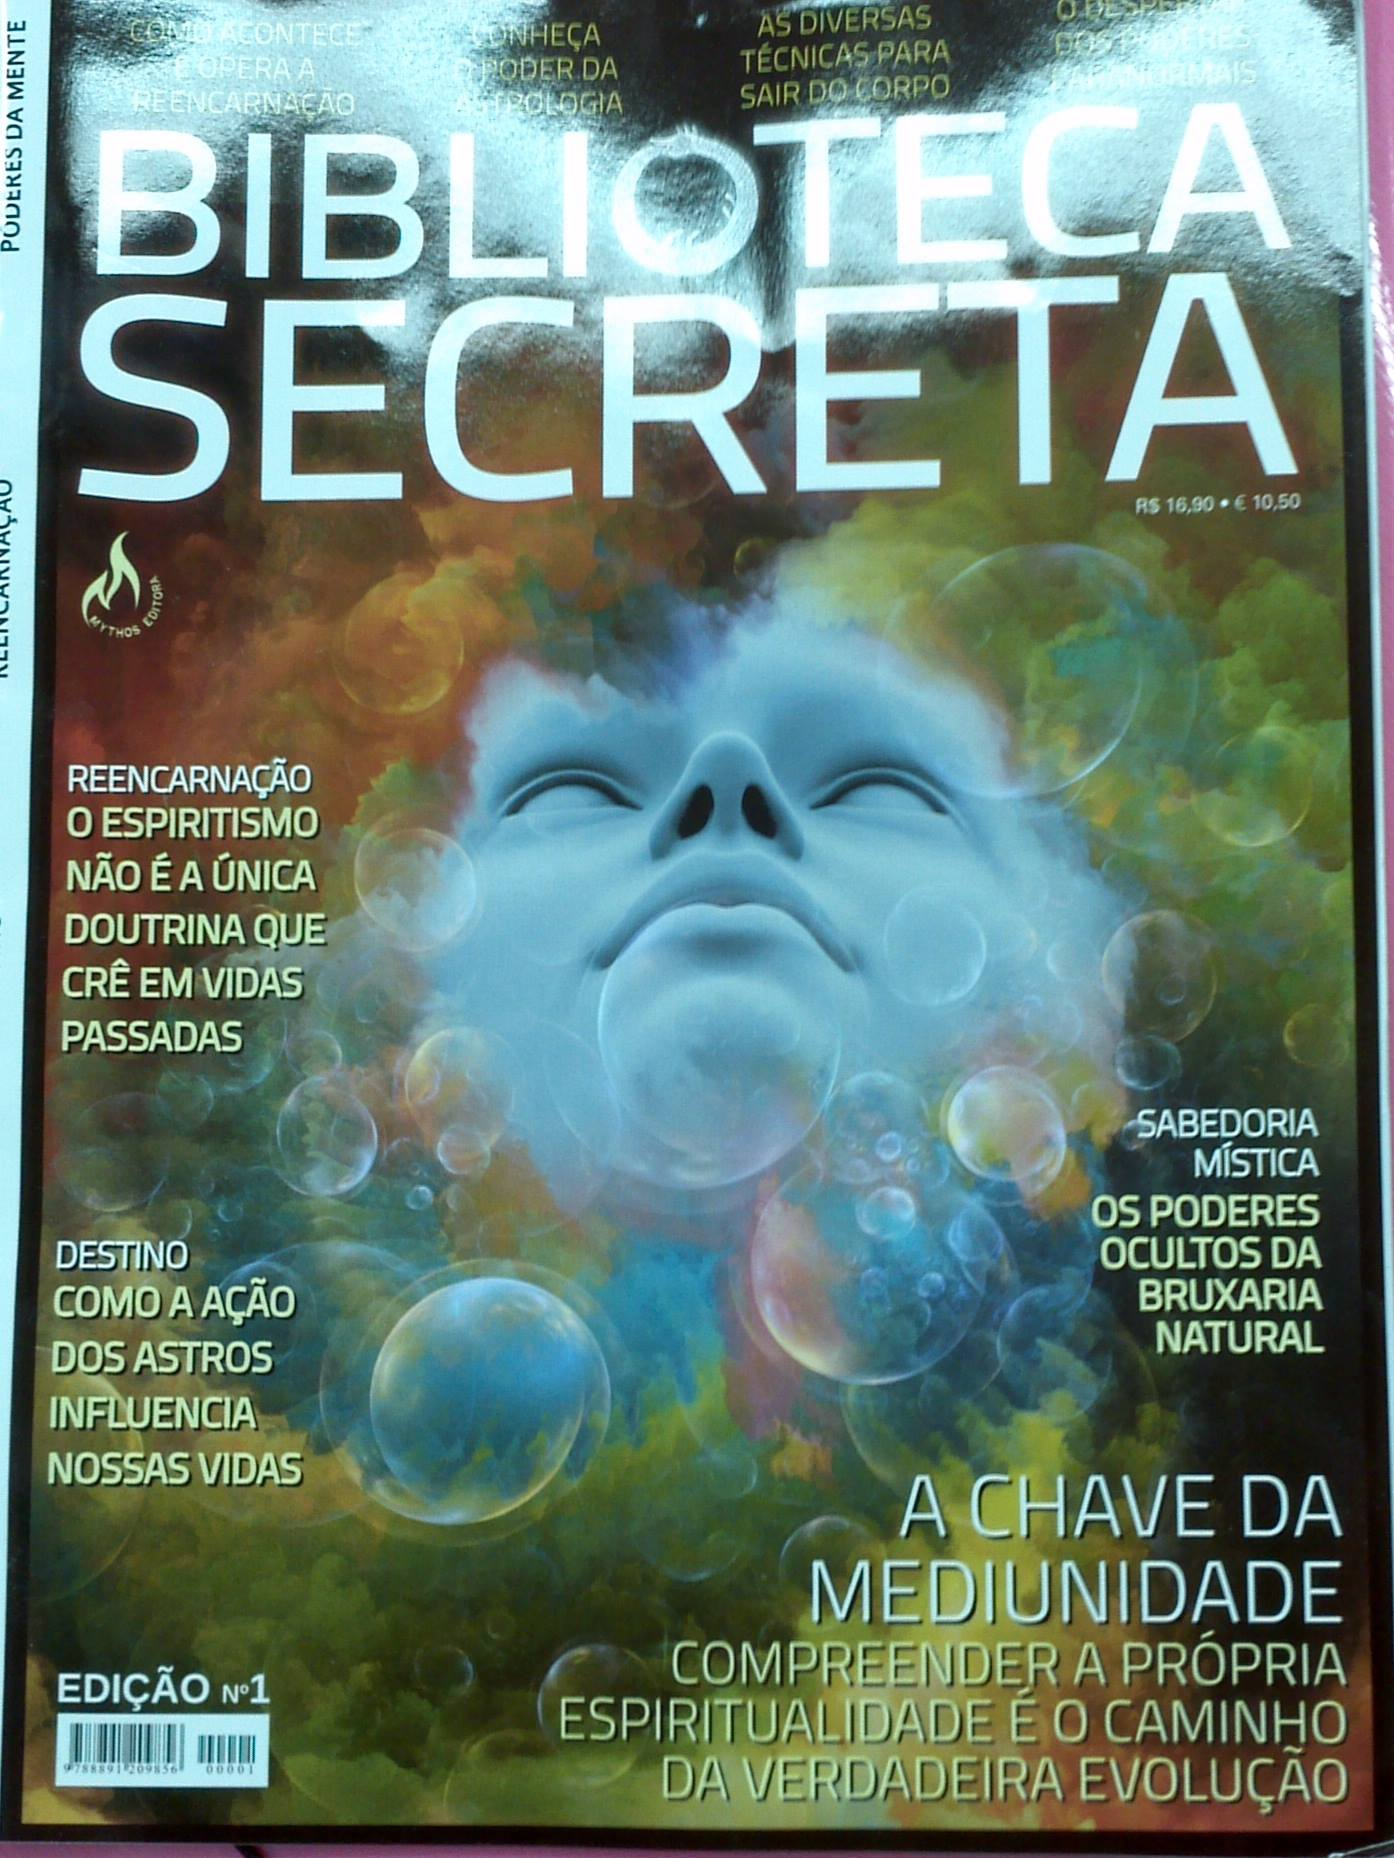 Biblioteca Secreta Parapsicologia